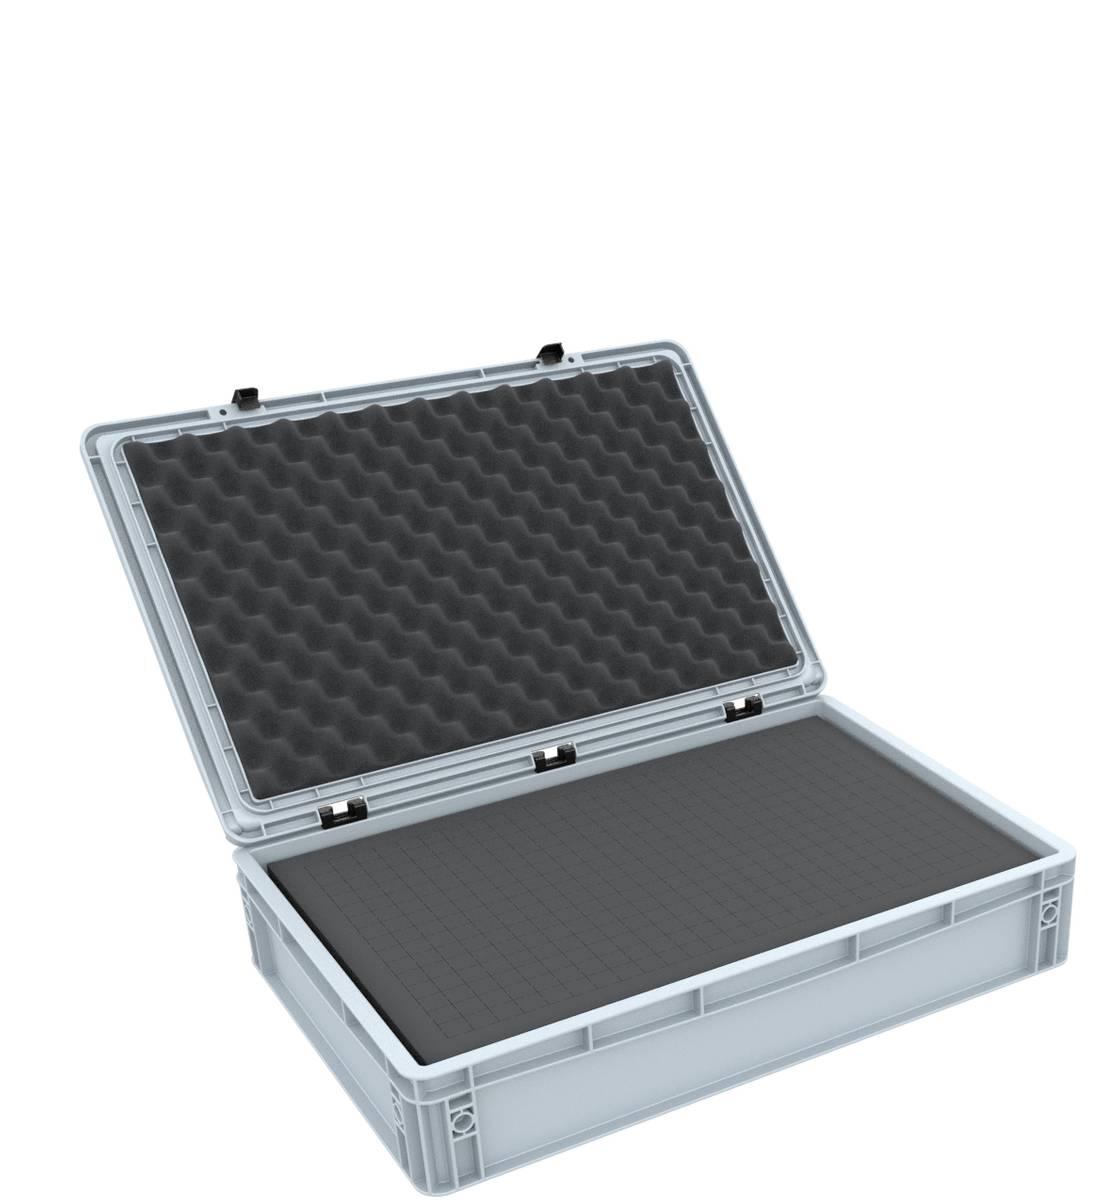 ED 64/12 HG Eurobehälter / Euro Box mit Scharnierdeckel 600 x 400 x 135 mm inklusive Rasterschaumstoff